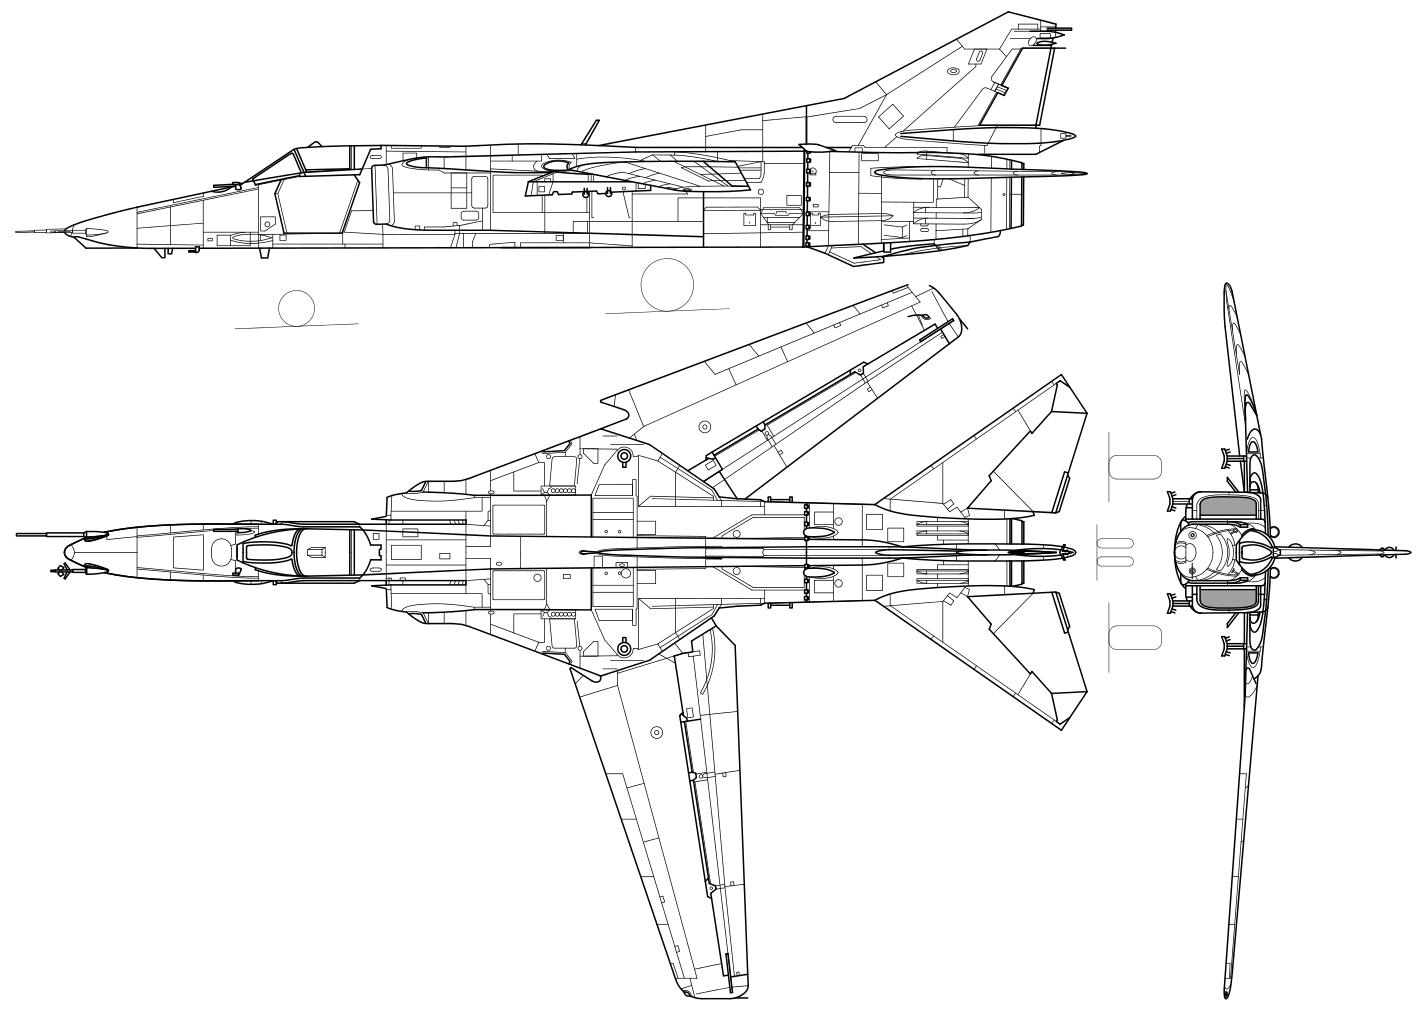 MiG-27 可変翼の戦闘爆撃機。なんと30mmガトリング砲GSh-6-30を搭載しているのだが、同じく30mmガトリング装備のA-10に比べてこの子の知名度の低さはどういうことなんですかね(憤怒)まあ実戦経験が薄いからしょうがないね http://t.co/w740ugJNId